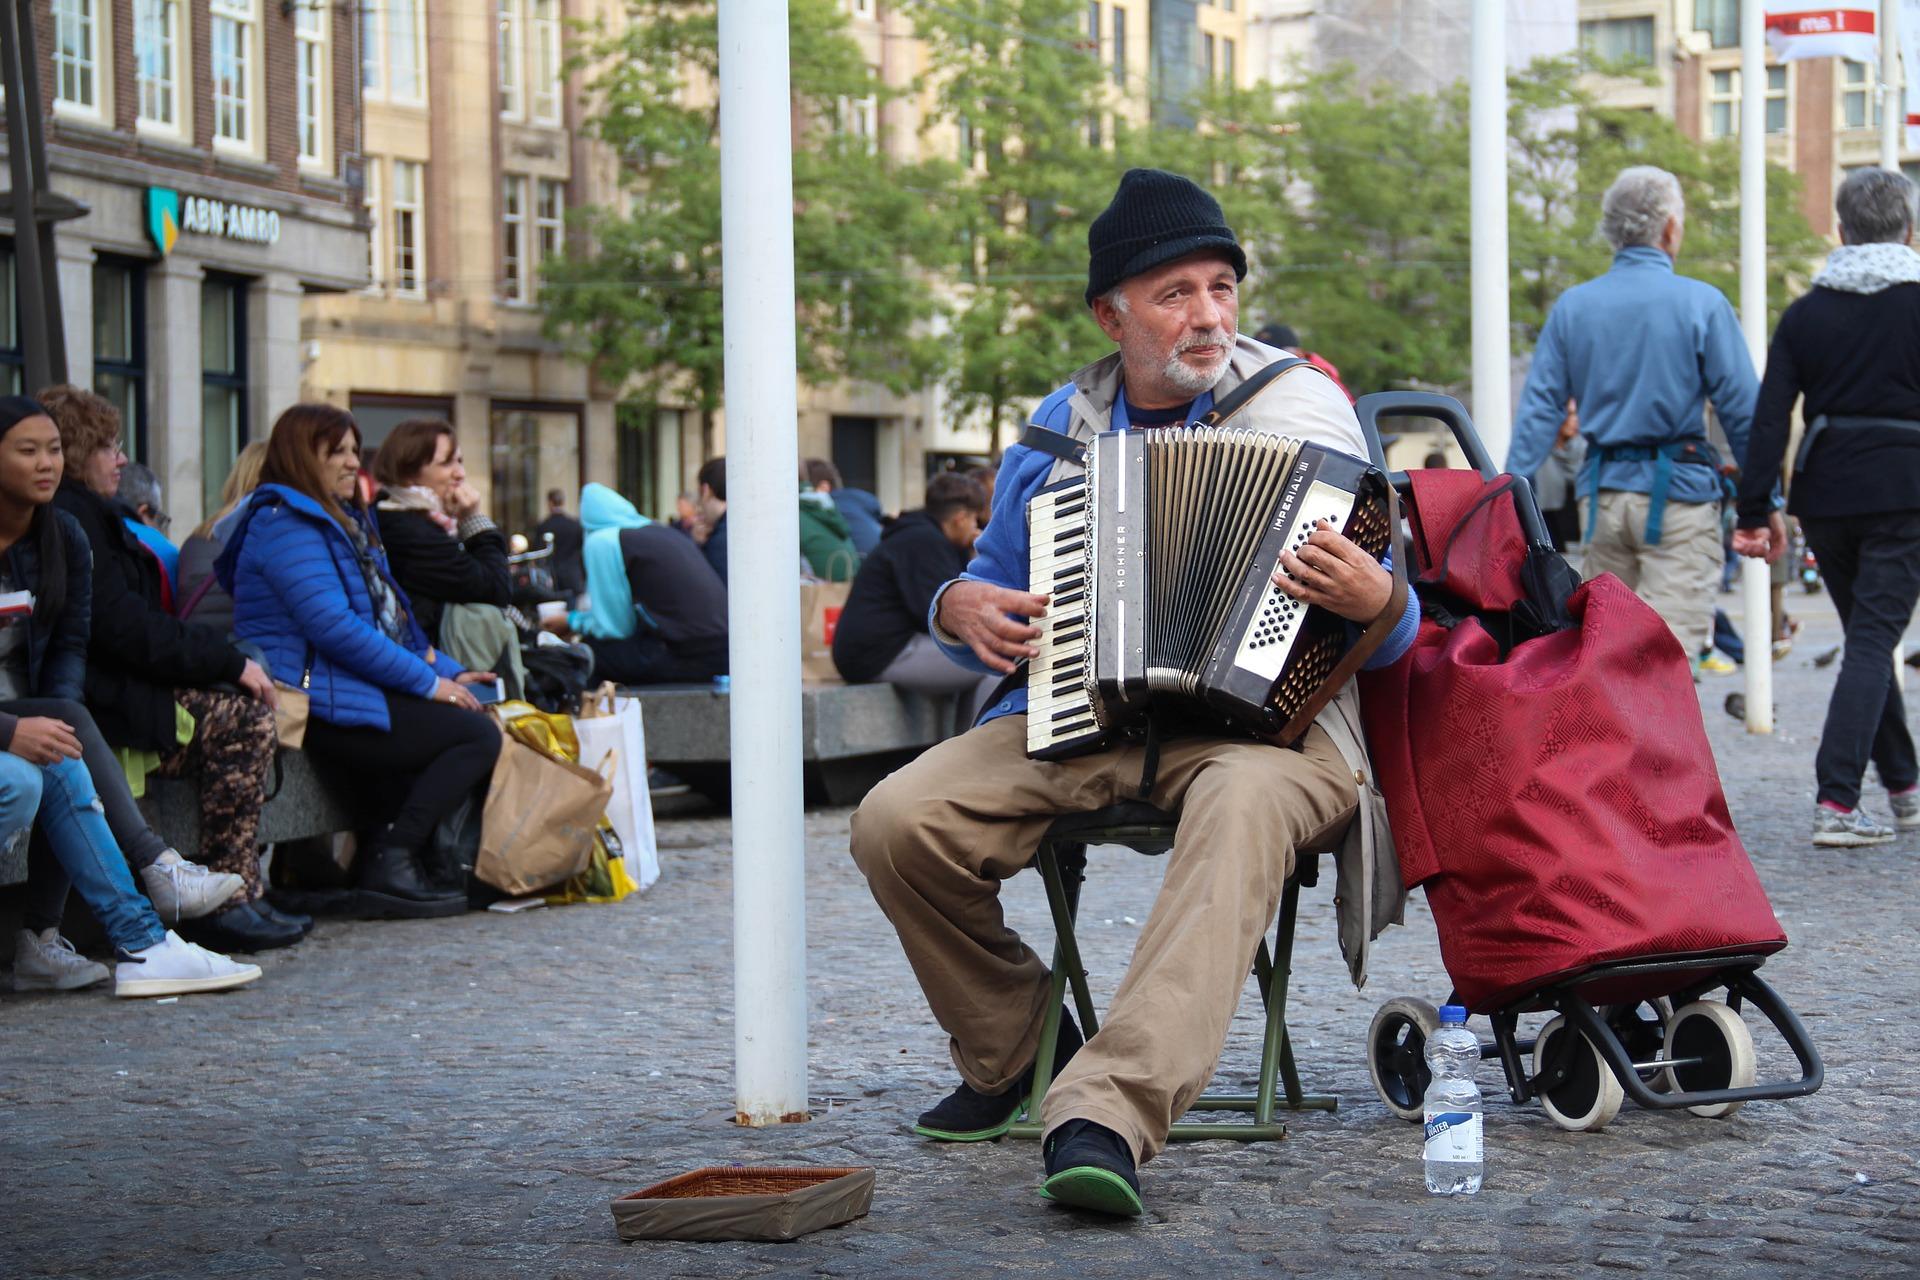 A imagem mostra um homem idoso sentado tocando acordeon em uma praça pública à luz do dia. À sua frente, há uma caixinha para as pessoas colocarem dinheiro. Ao fundo, diversas pessoas estão sentadas ou caminhando.